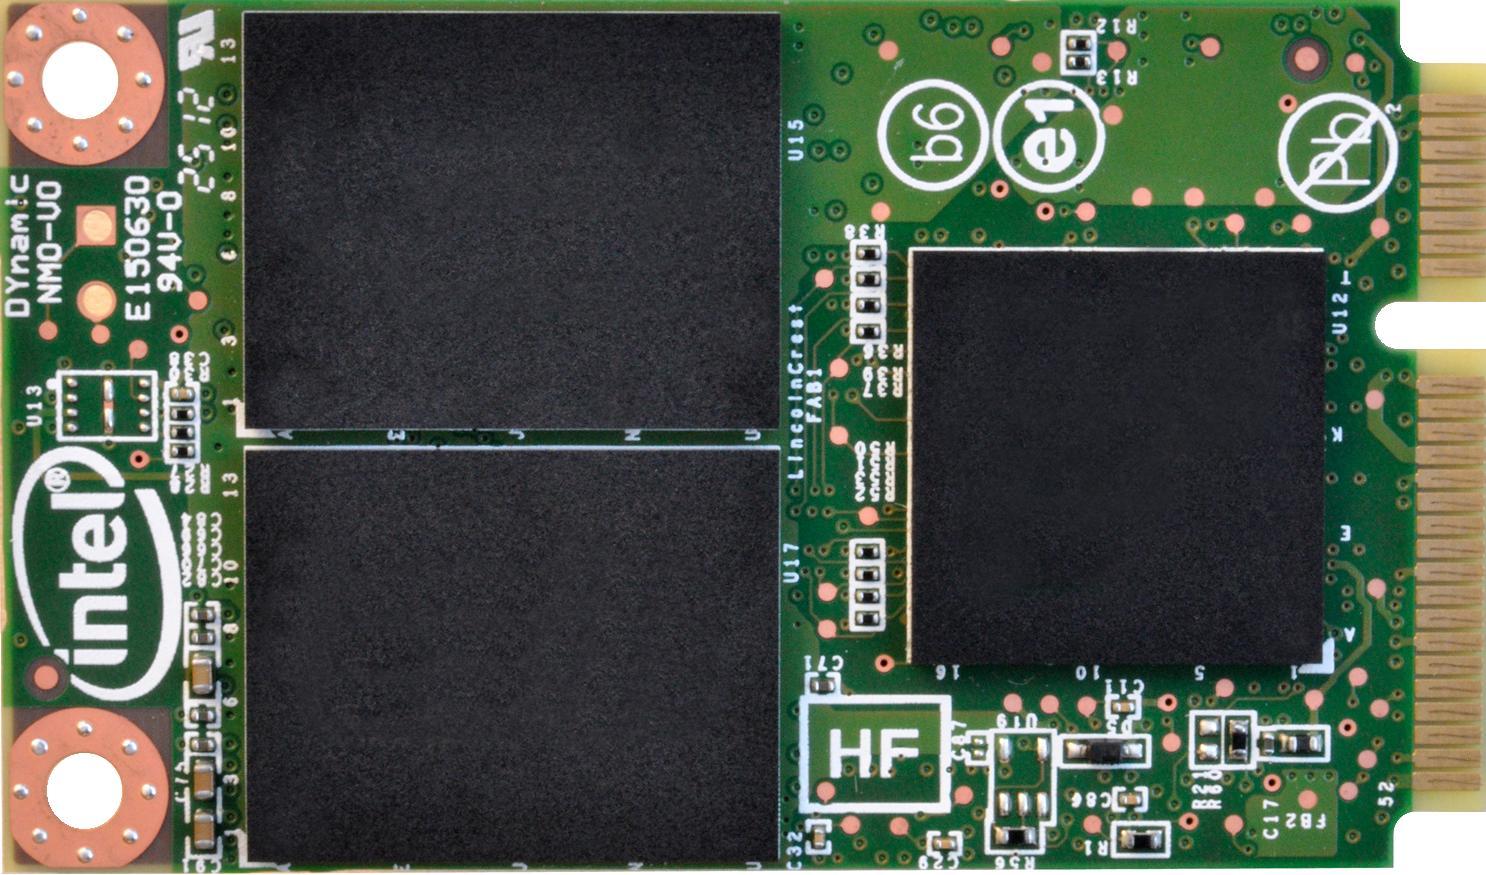 Intel SSD 525 Series 240GB